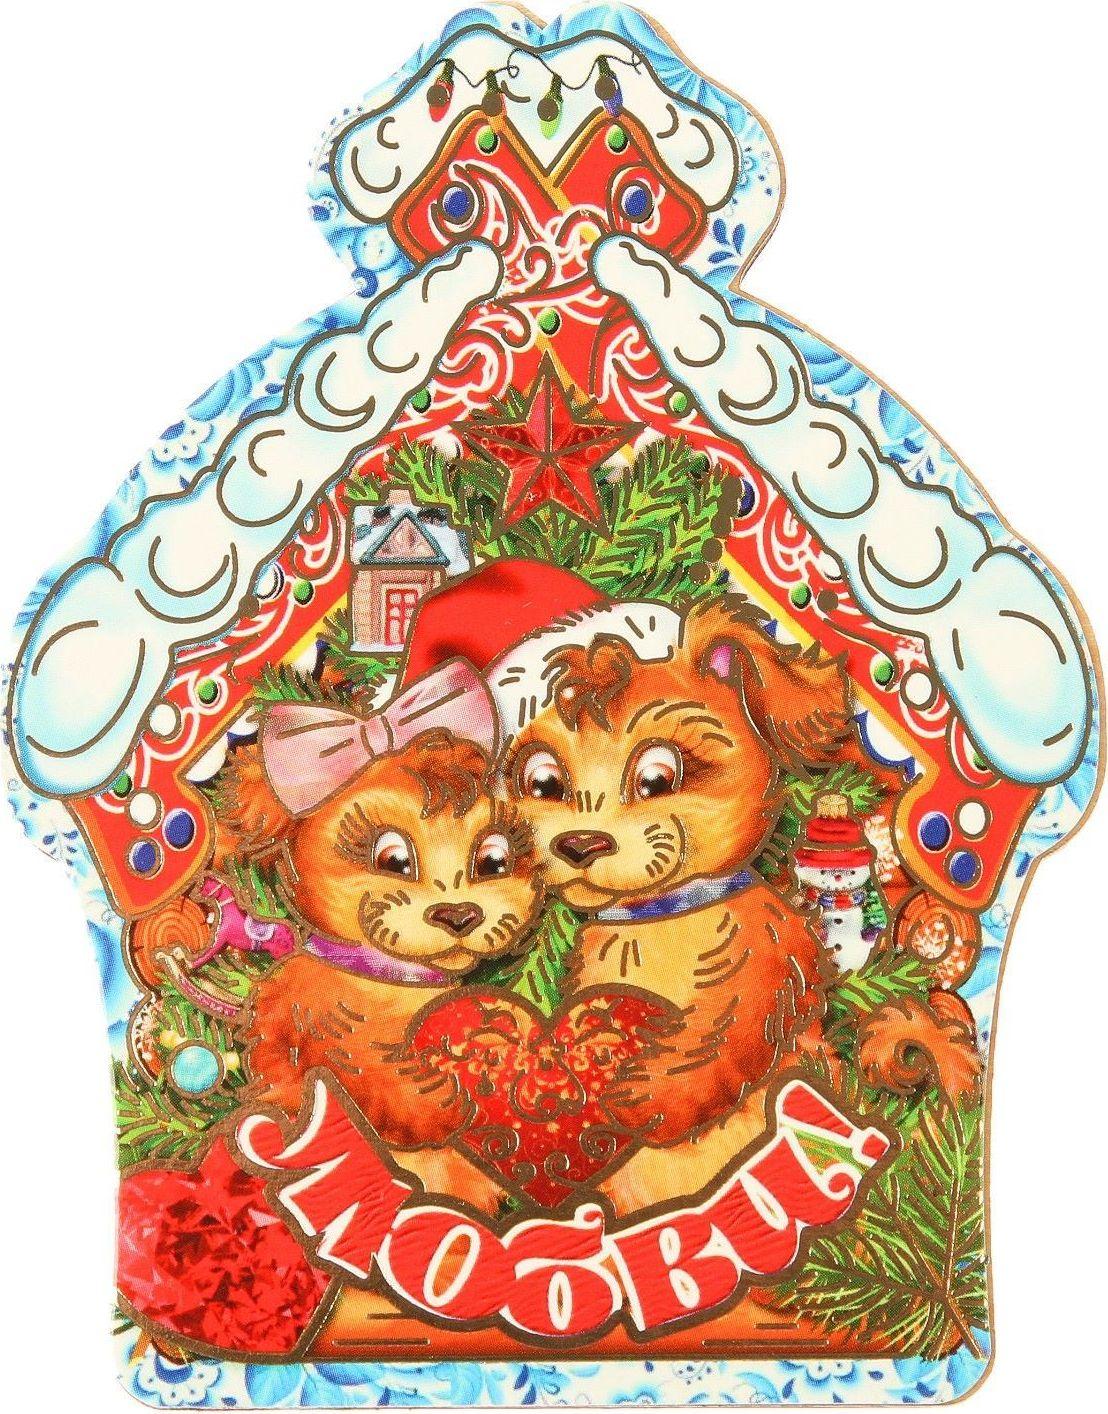 Магнит Sima-land Новогодний, 9,5 х7,5 см. 25943192594319Порадуйте родных и близких оригинальным сувениром: преподнесите в подарок магнит. С ним даже самый серьёзный человек почувствует себя ребёнком, ожидающим чудо! Создайте праздничное настроение, и оно останется с вами на весь год.